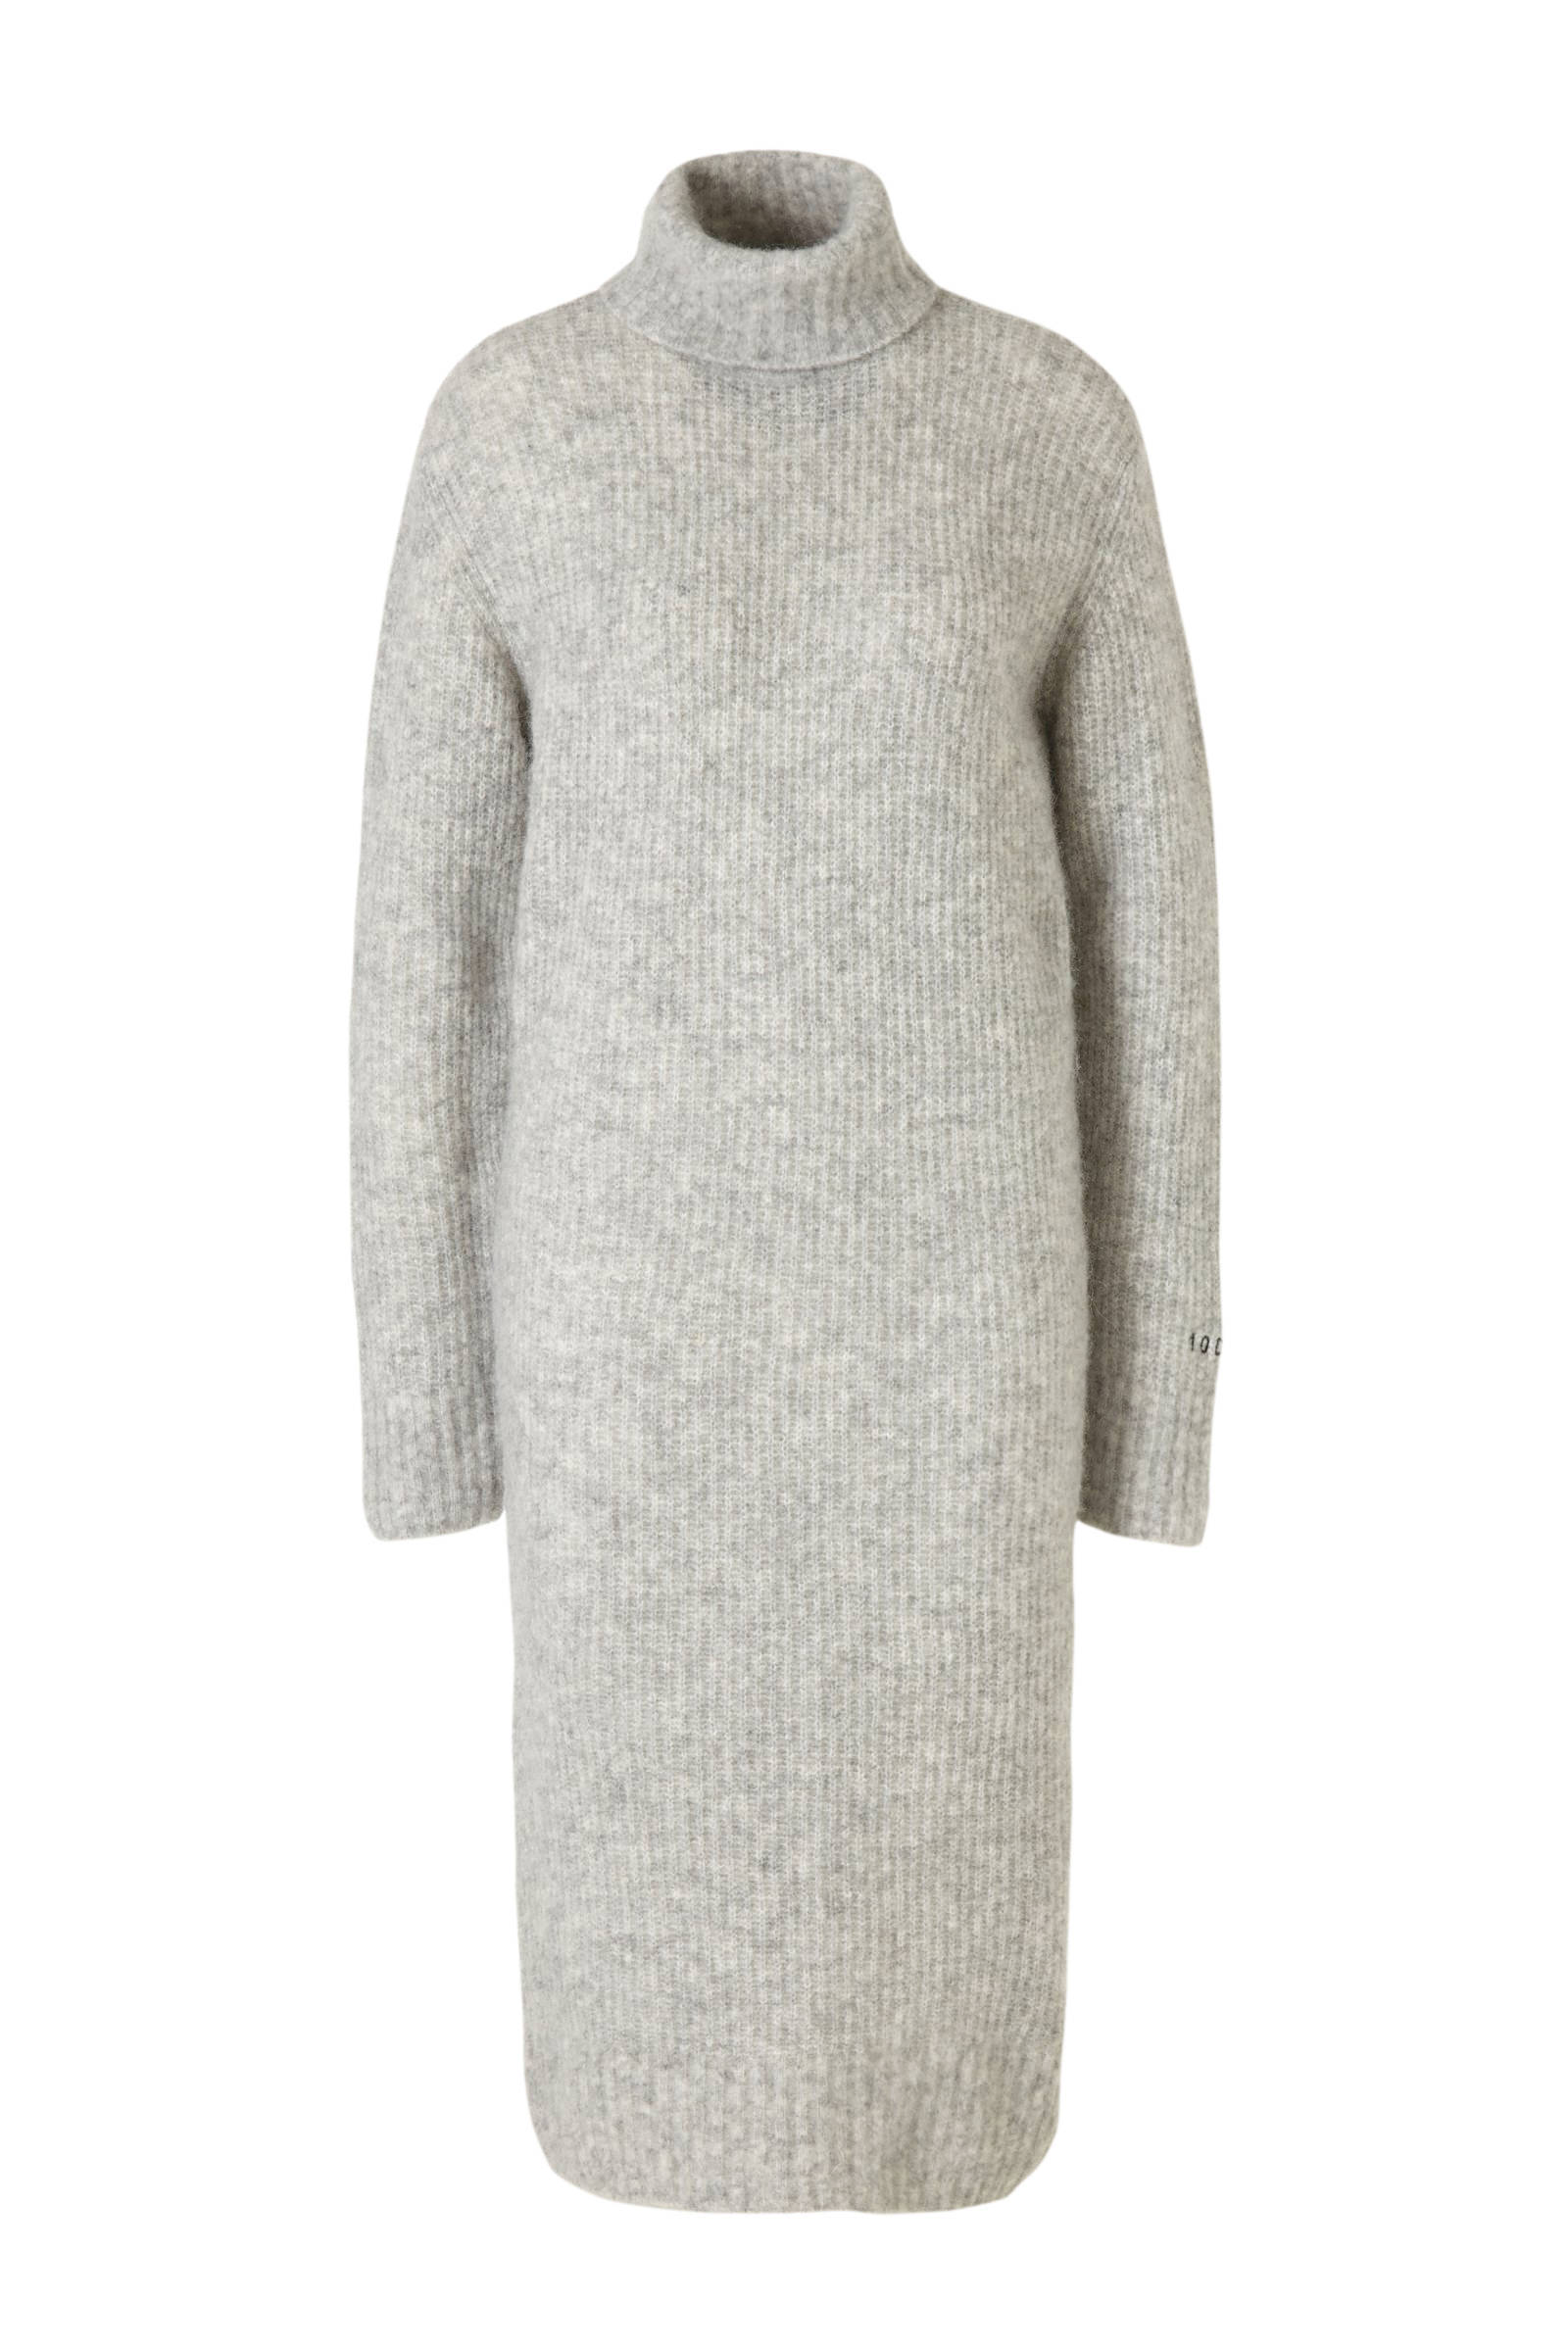 10DAYS gemêleerde gebreide jurk met wol lichtgrijs | wehkamp